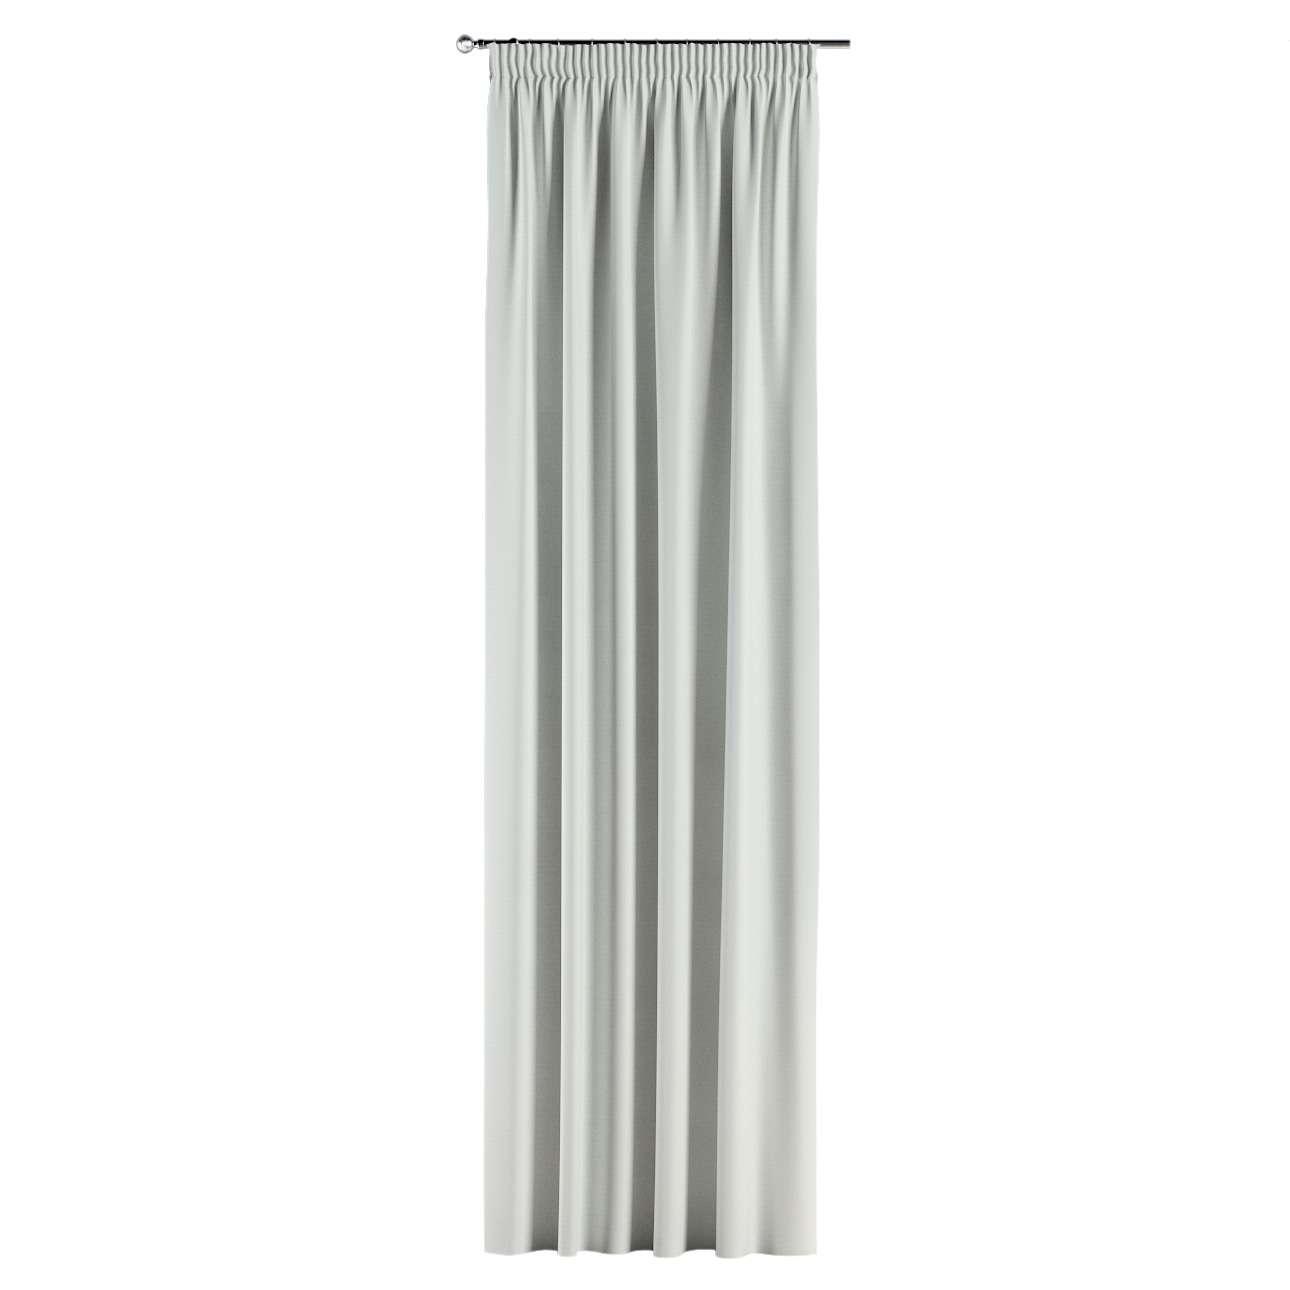 Záves zatemňujúci na riasiacej páske V kolekcii Blackout 280 cm, tkanina: 269-10